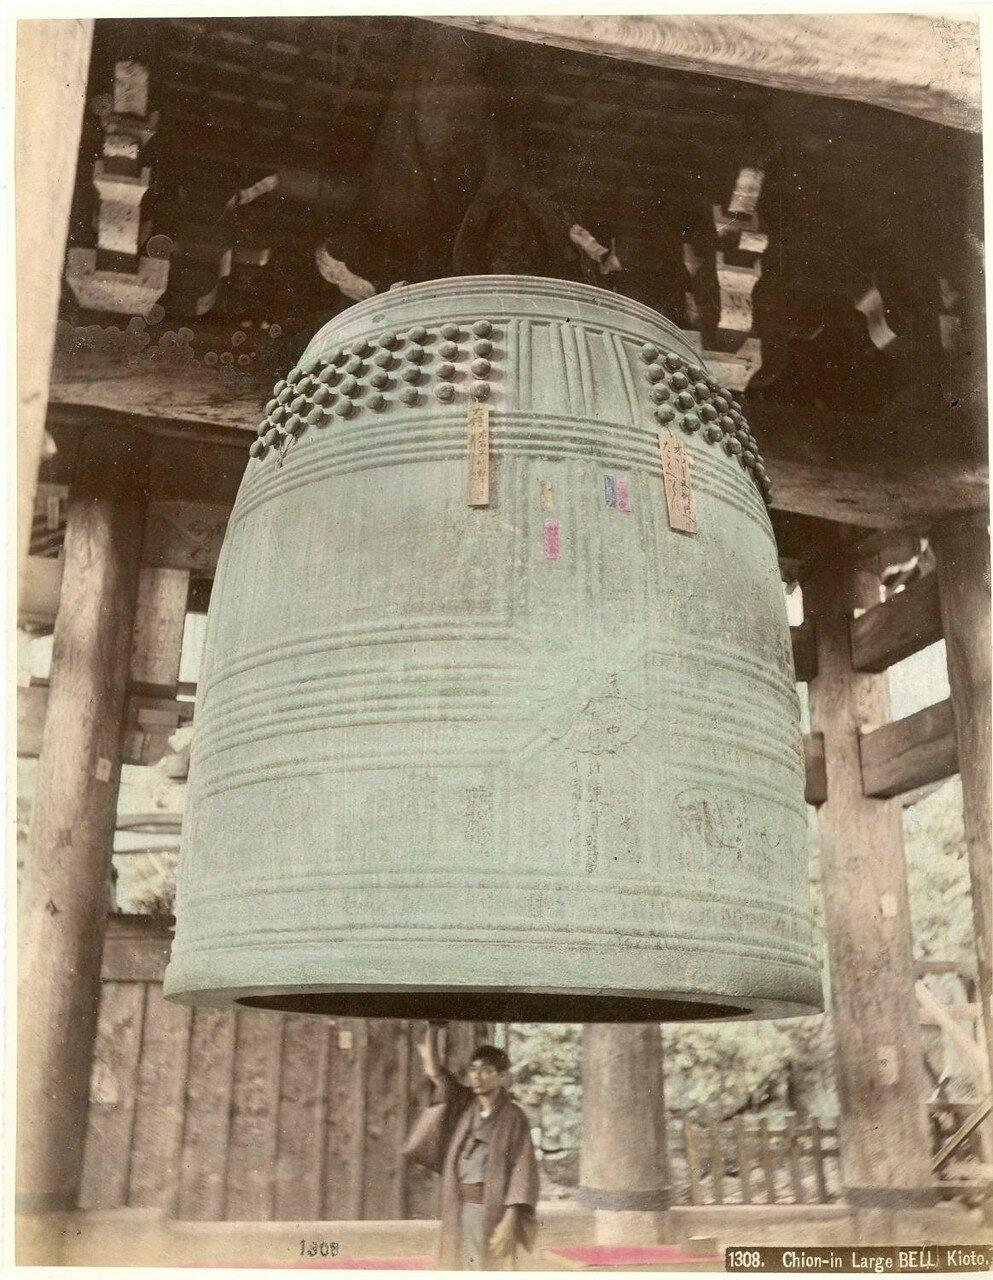 Киото. Большой колокол храма Тион-ин